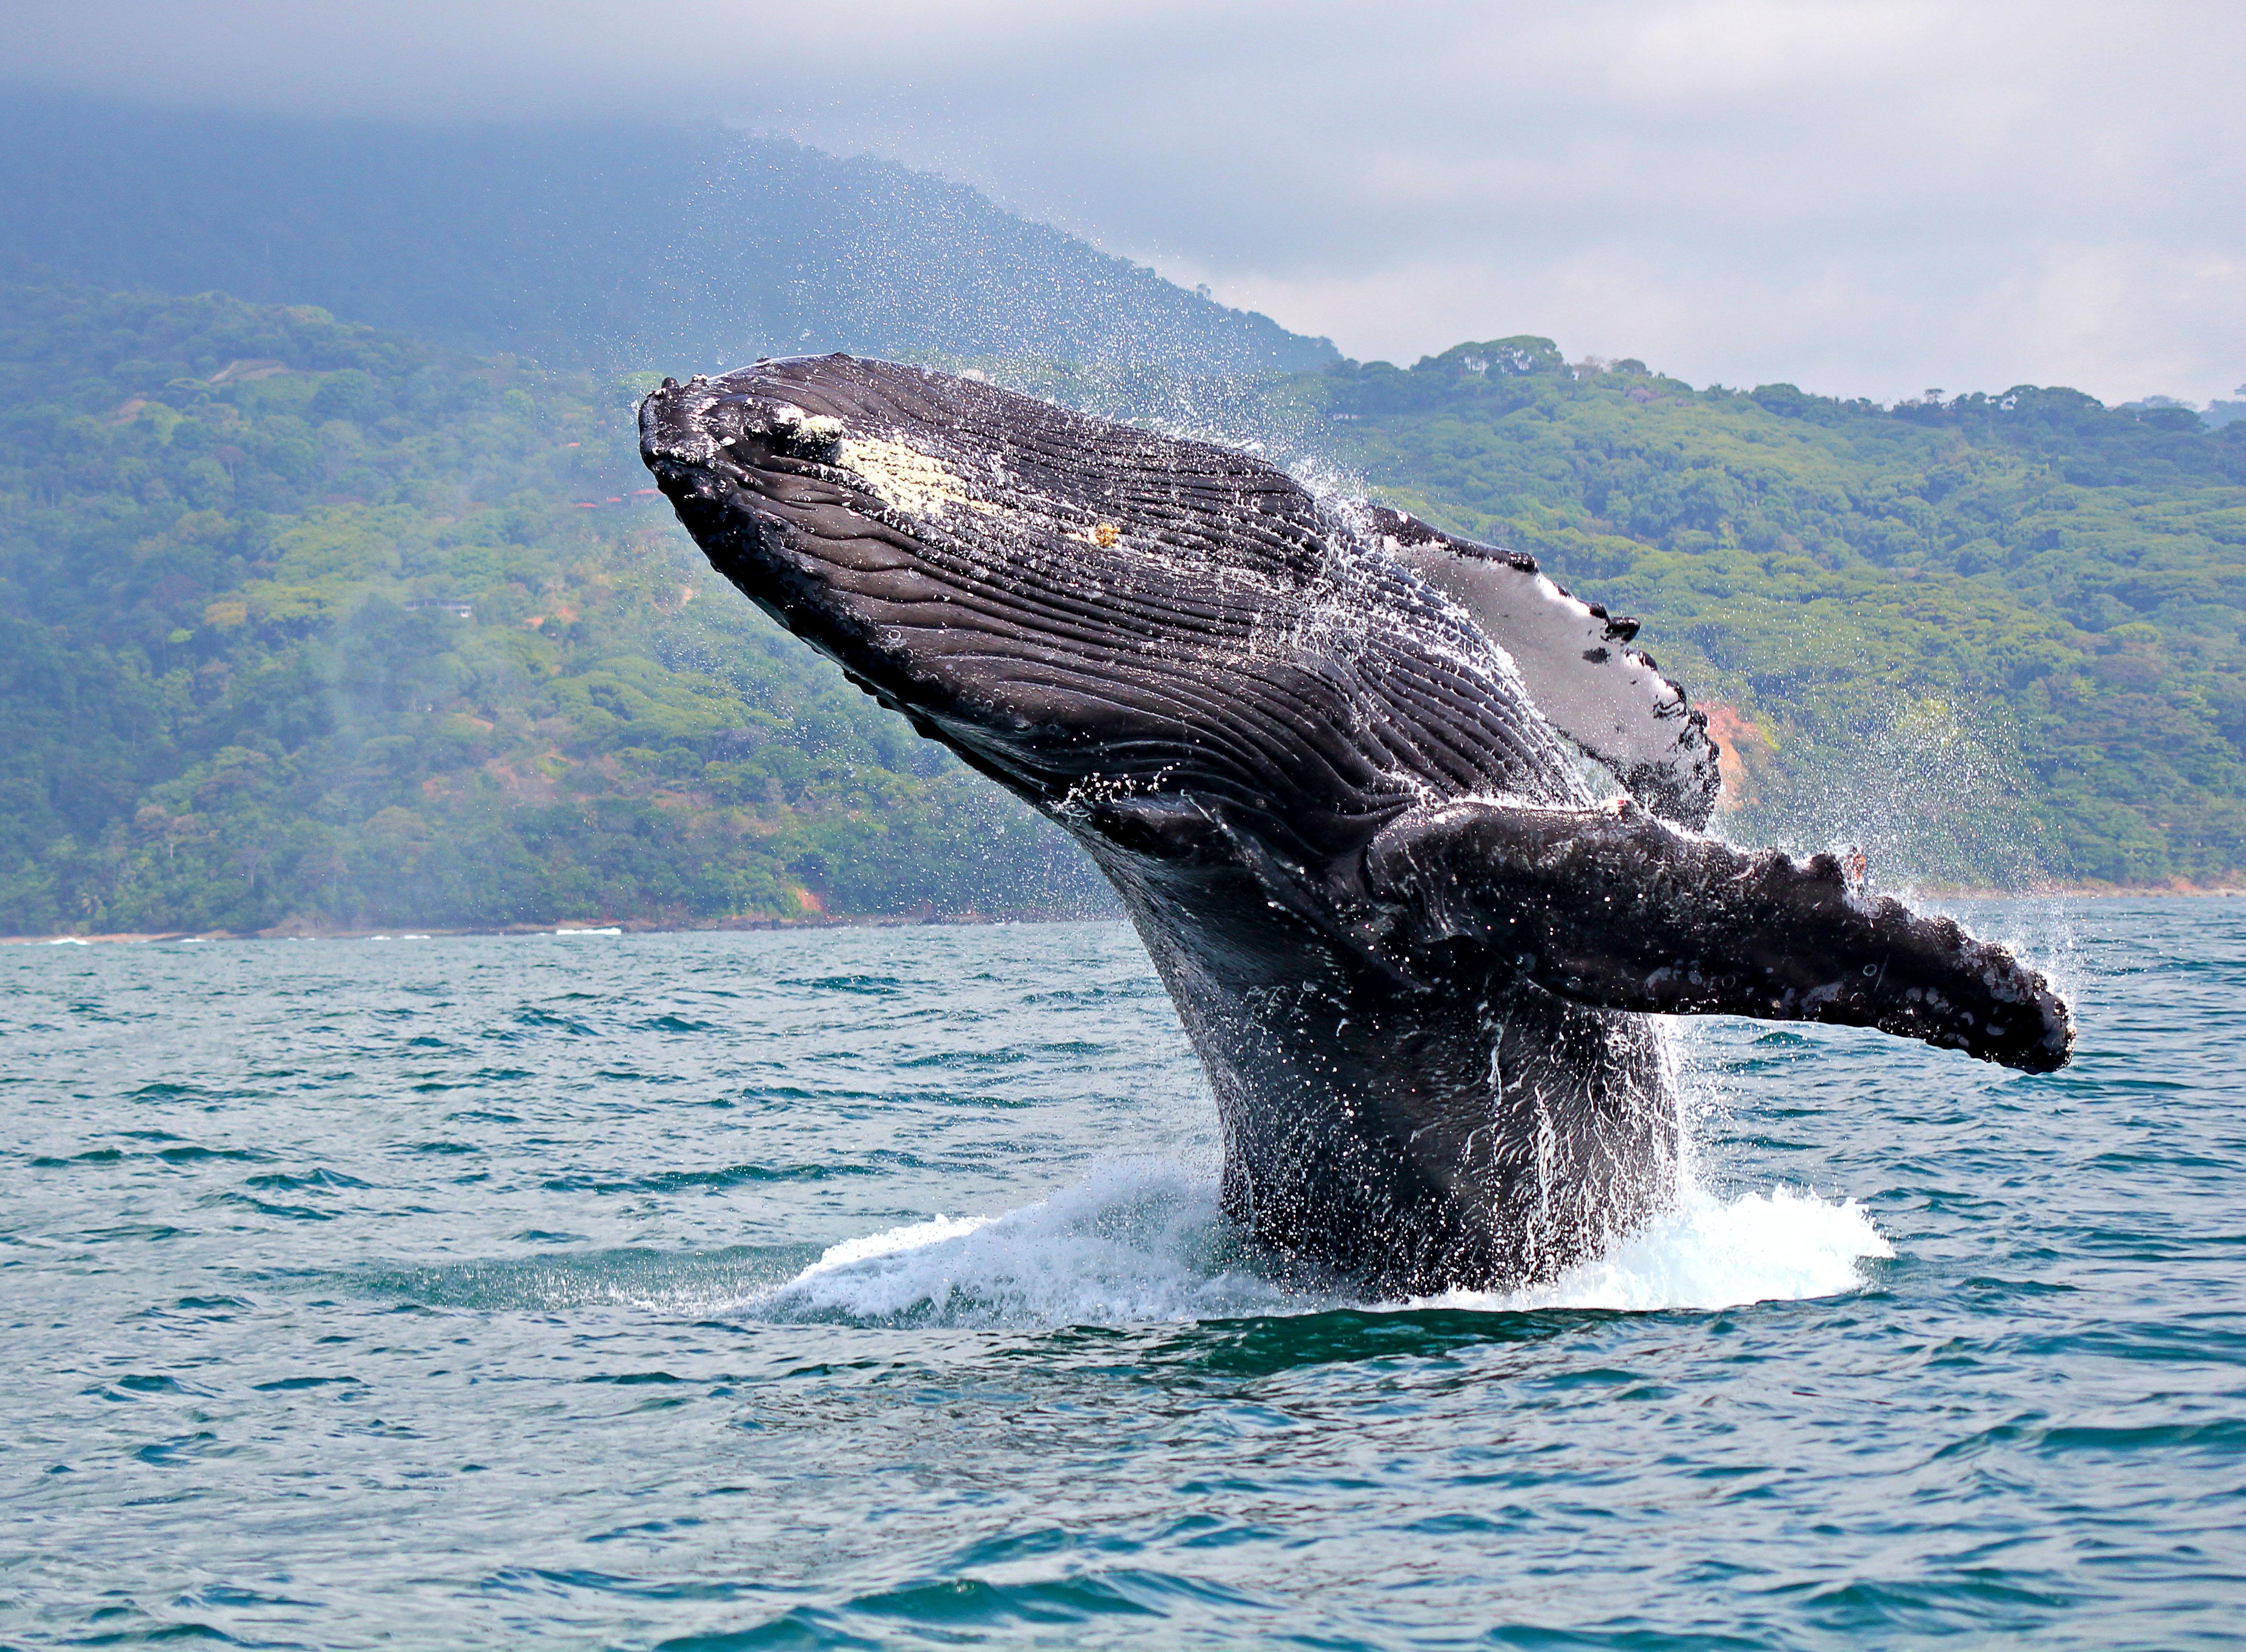 Contempla a las ballenas en su momento más íntimo - Costa Rica Gran Viaje Tortuguero, Arenal, Monteverde y Manuel Antonio